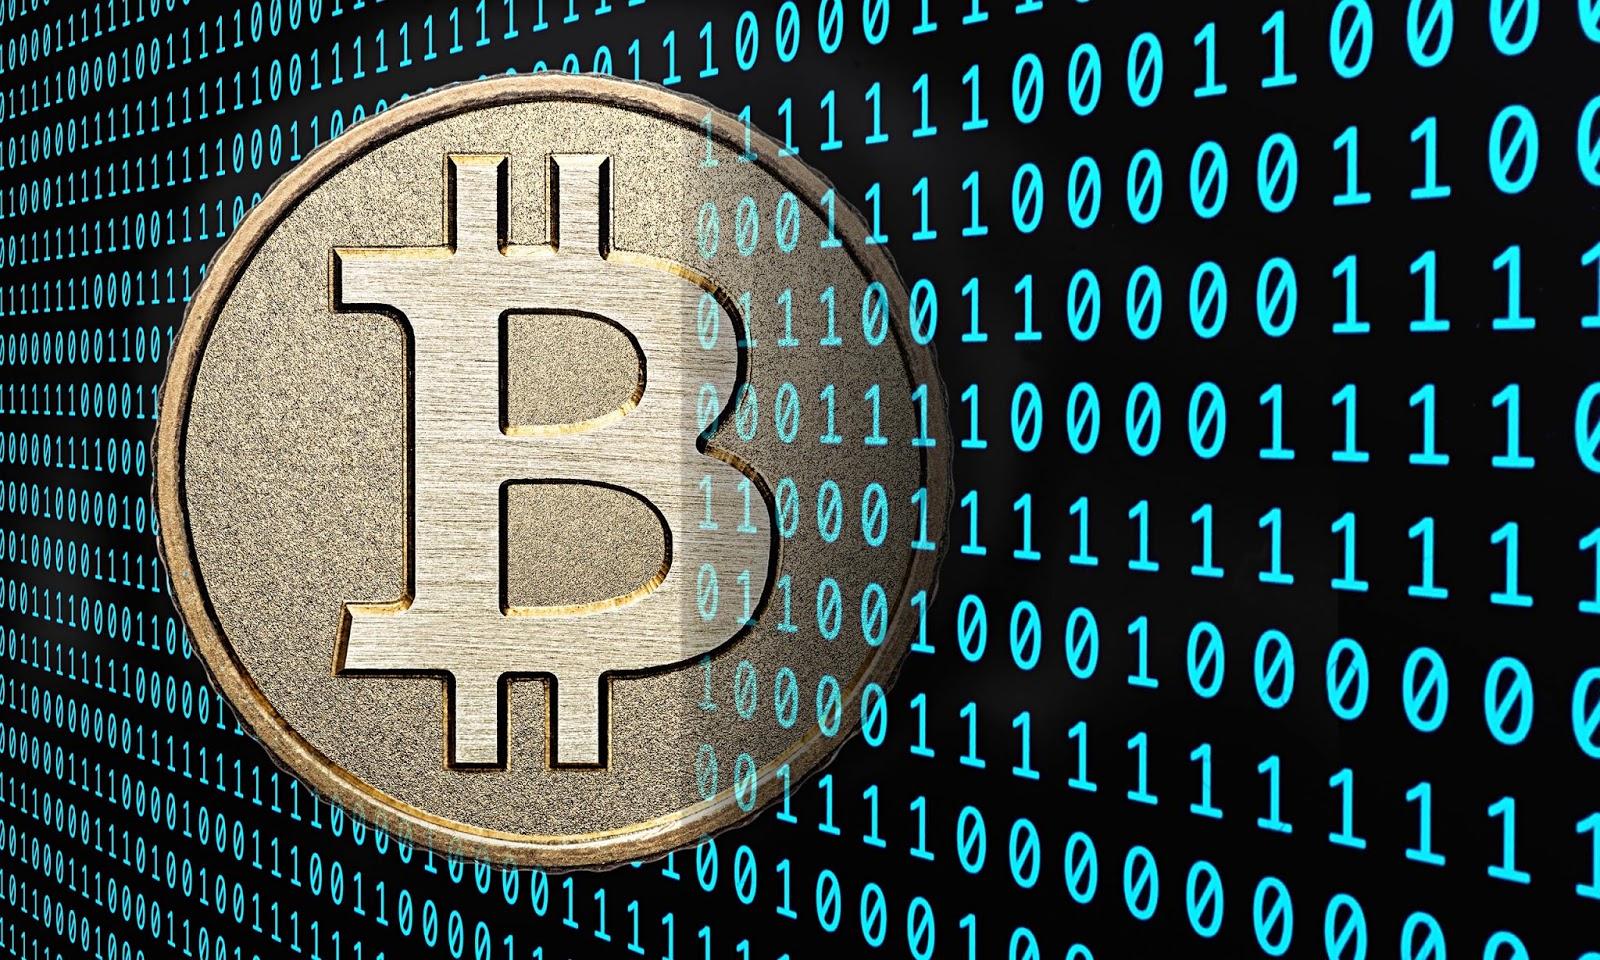 mindent a kezdőknek szánt bitcoinokról)